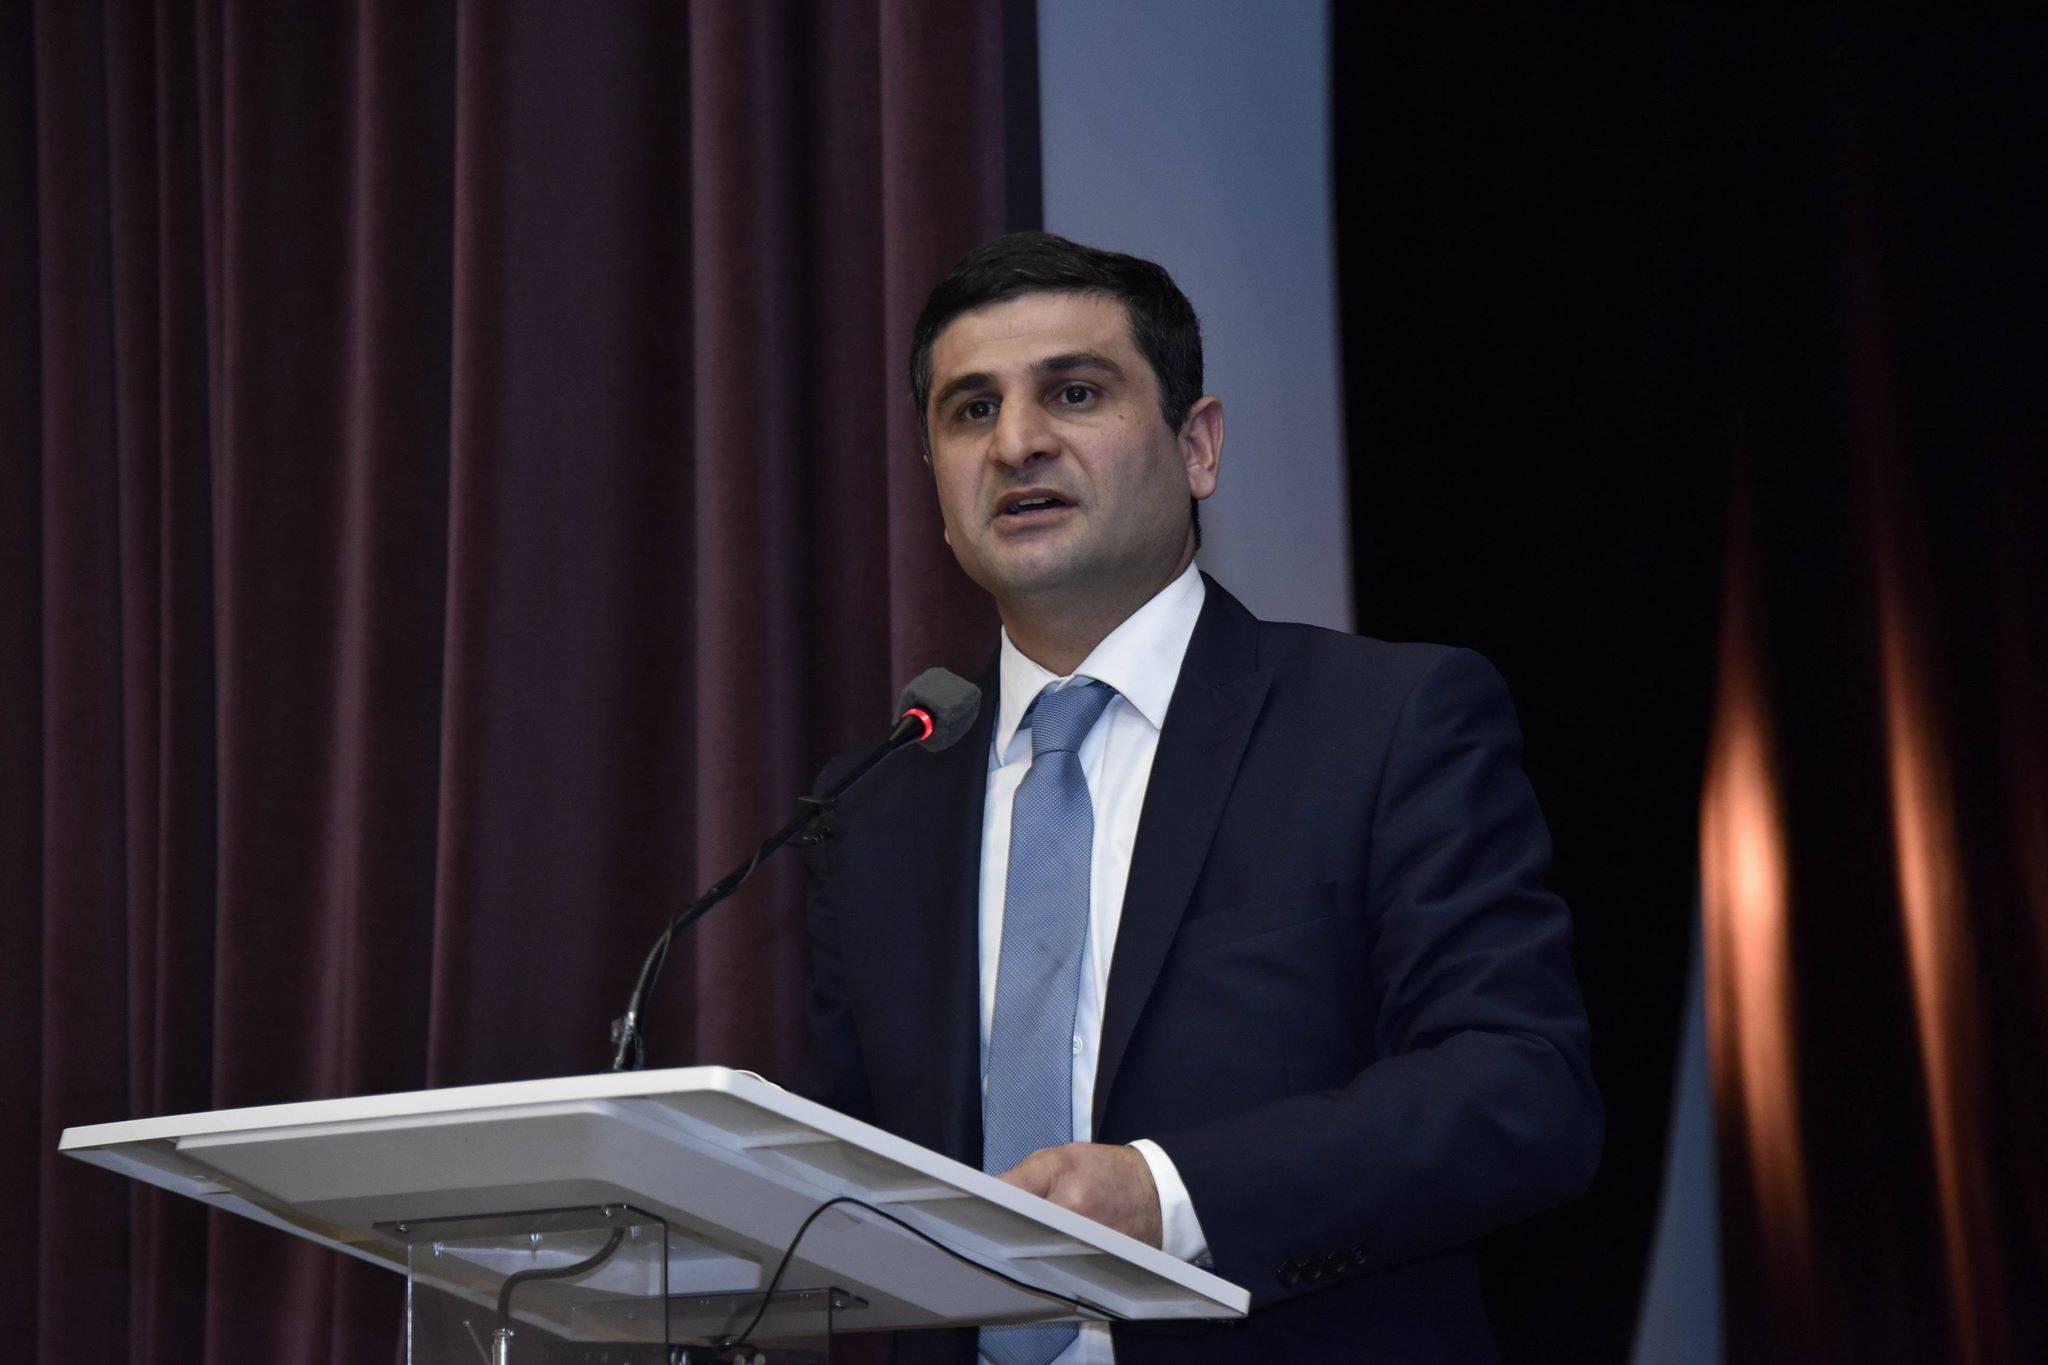 Soyqırımı faktlarının dünya ictimaiyyətinə çatdırılmasında gənc alimlər yaxından iştirak edir